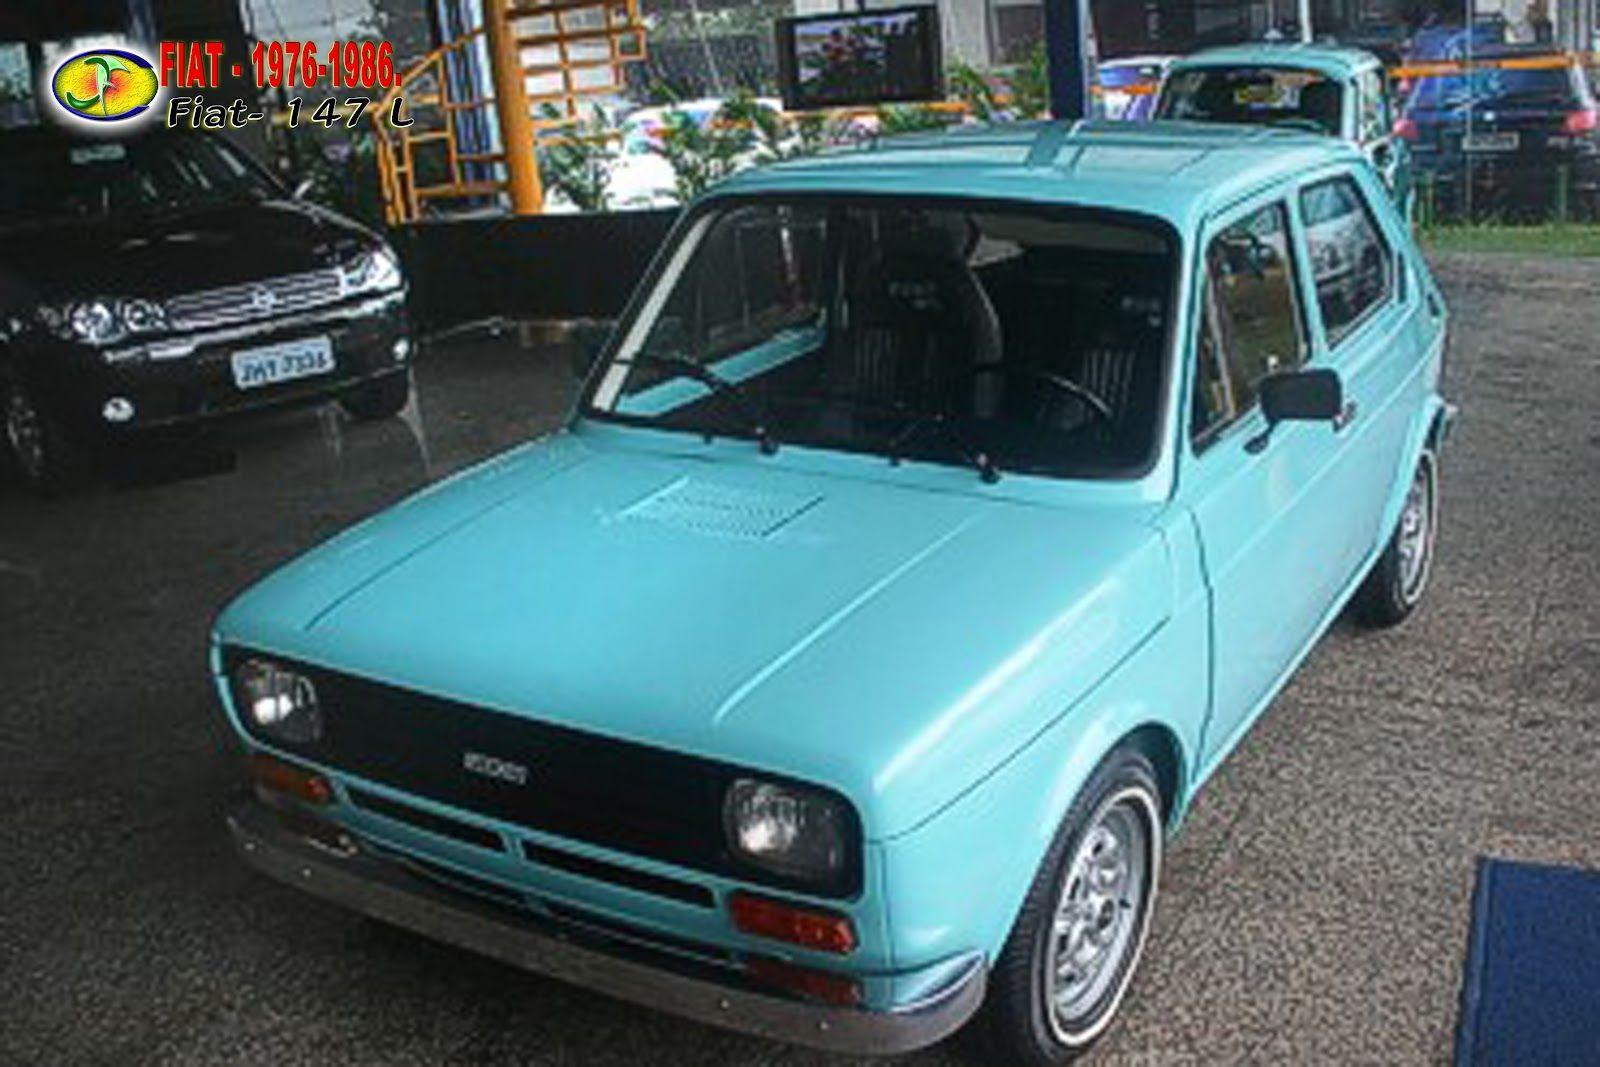 Fiat 147 16 Carros Carros Antigos